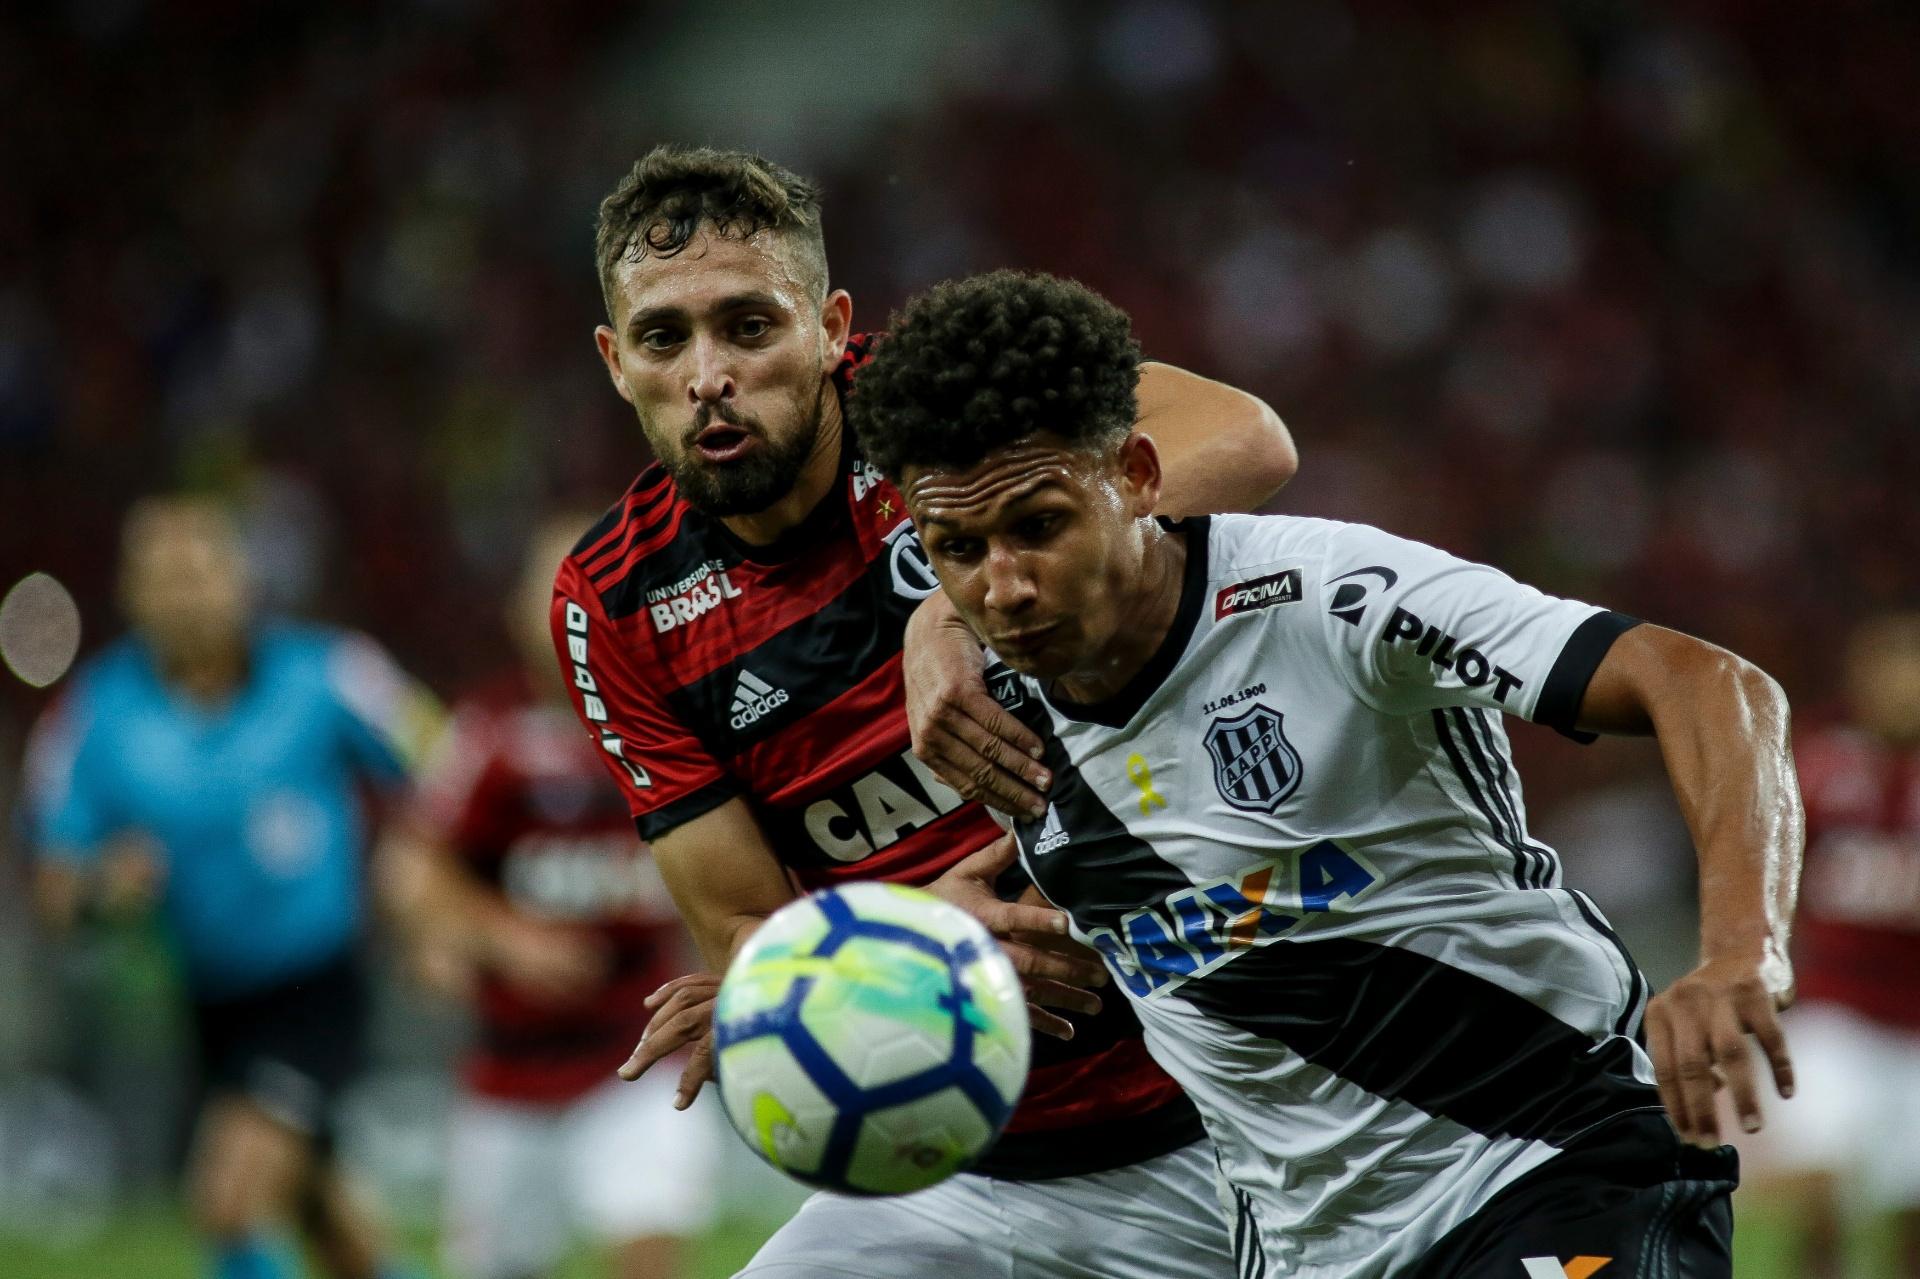 Léo Duarte explica forma de jogo do Fla e elogia trabalho de Barbieri -  Esporte - BOL 627705106d45a